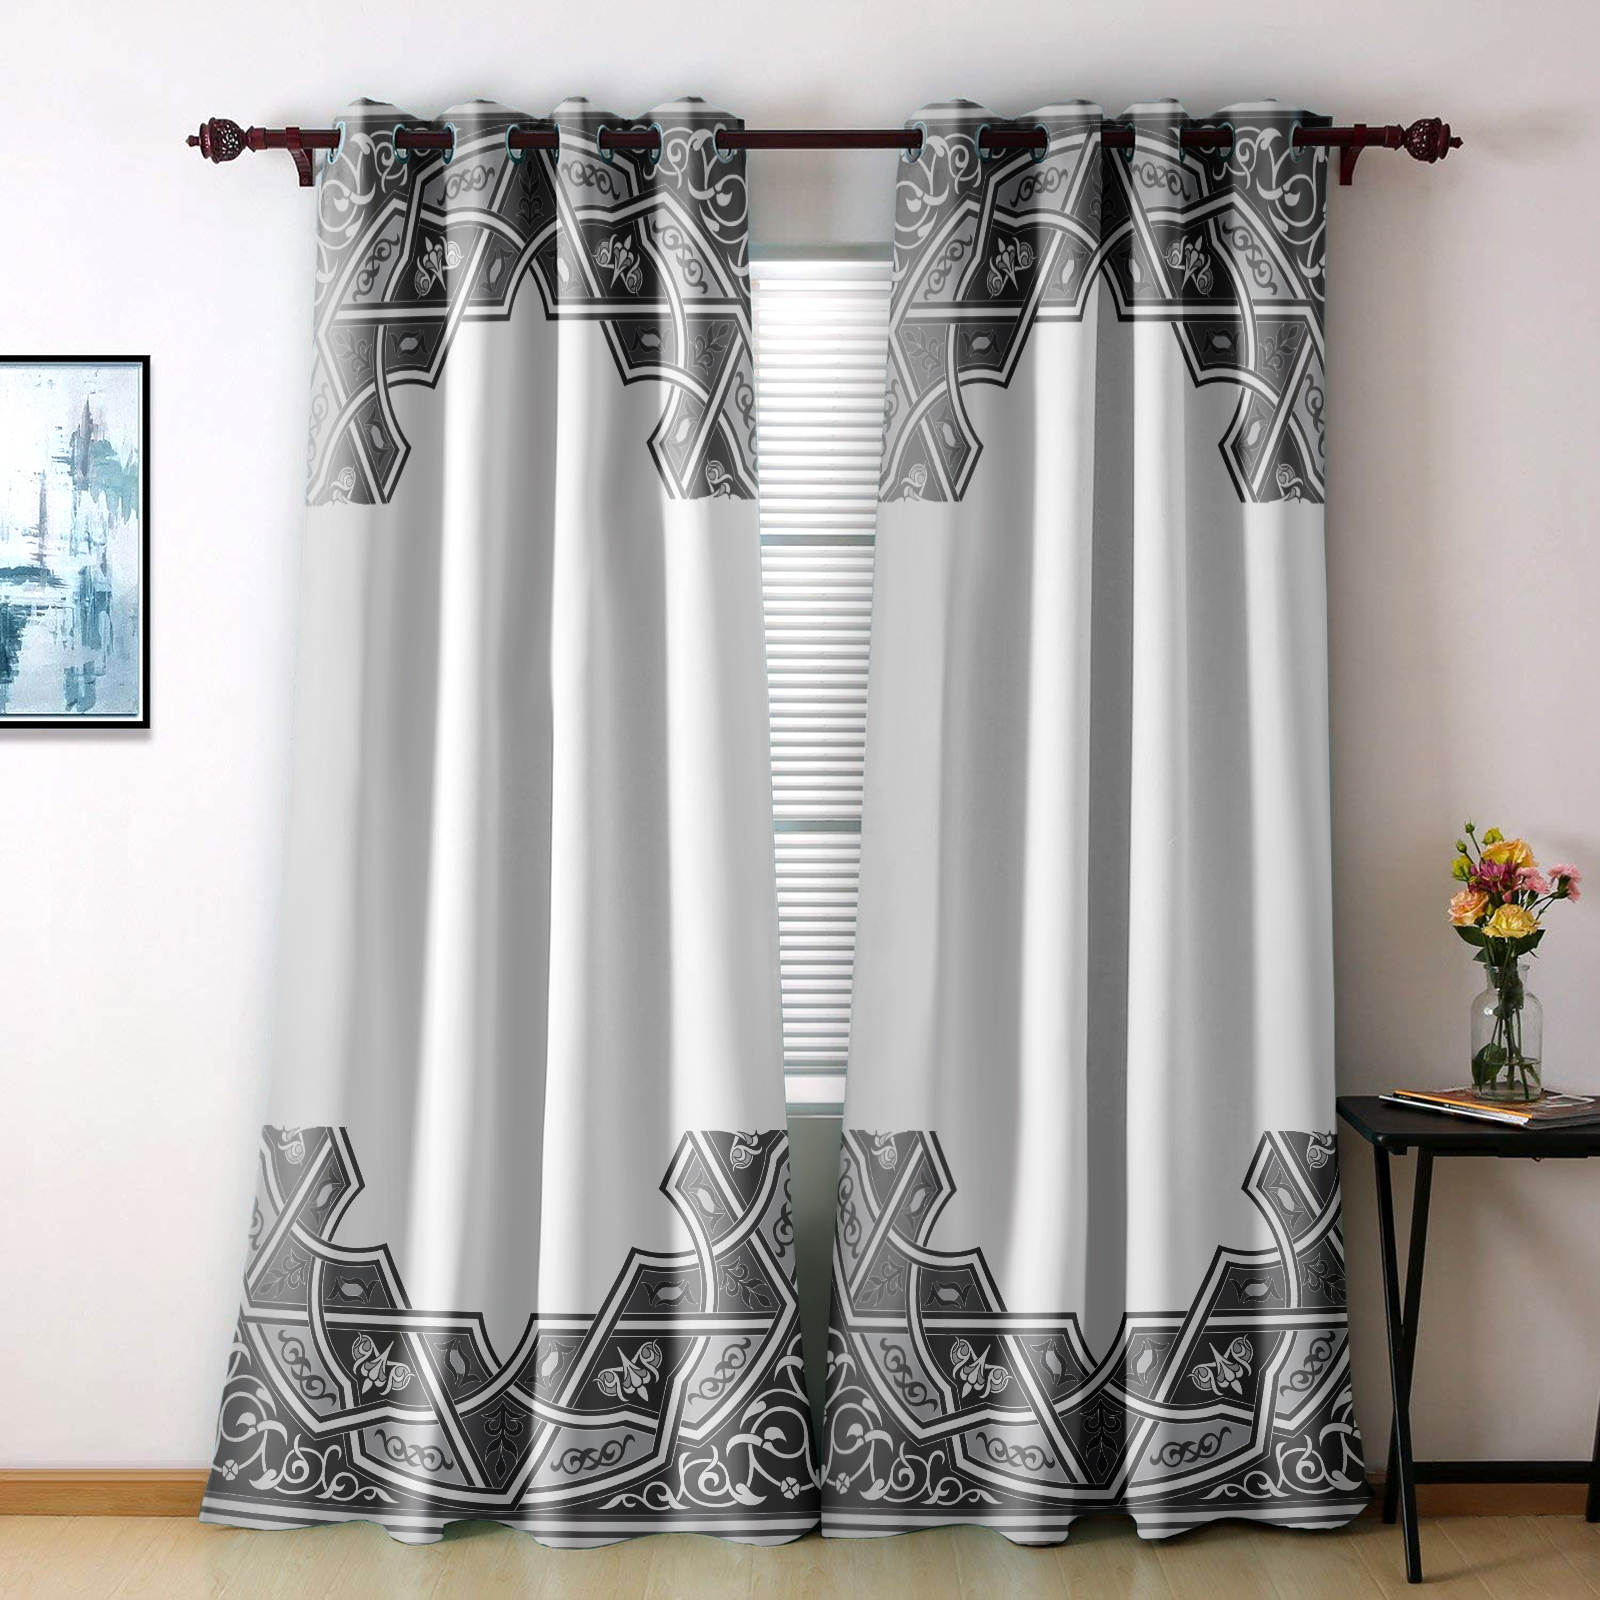 تصویر از پرده چاپی مدل curtain656